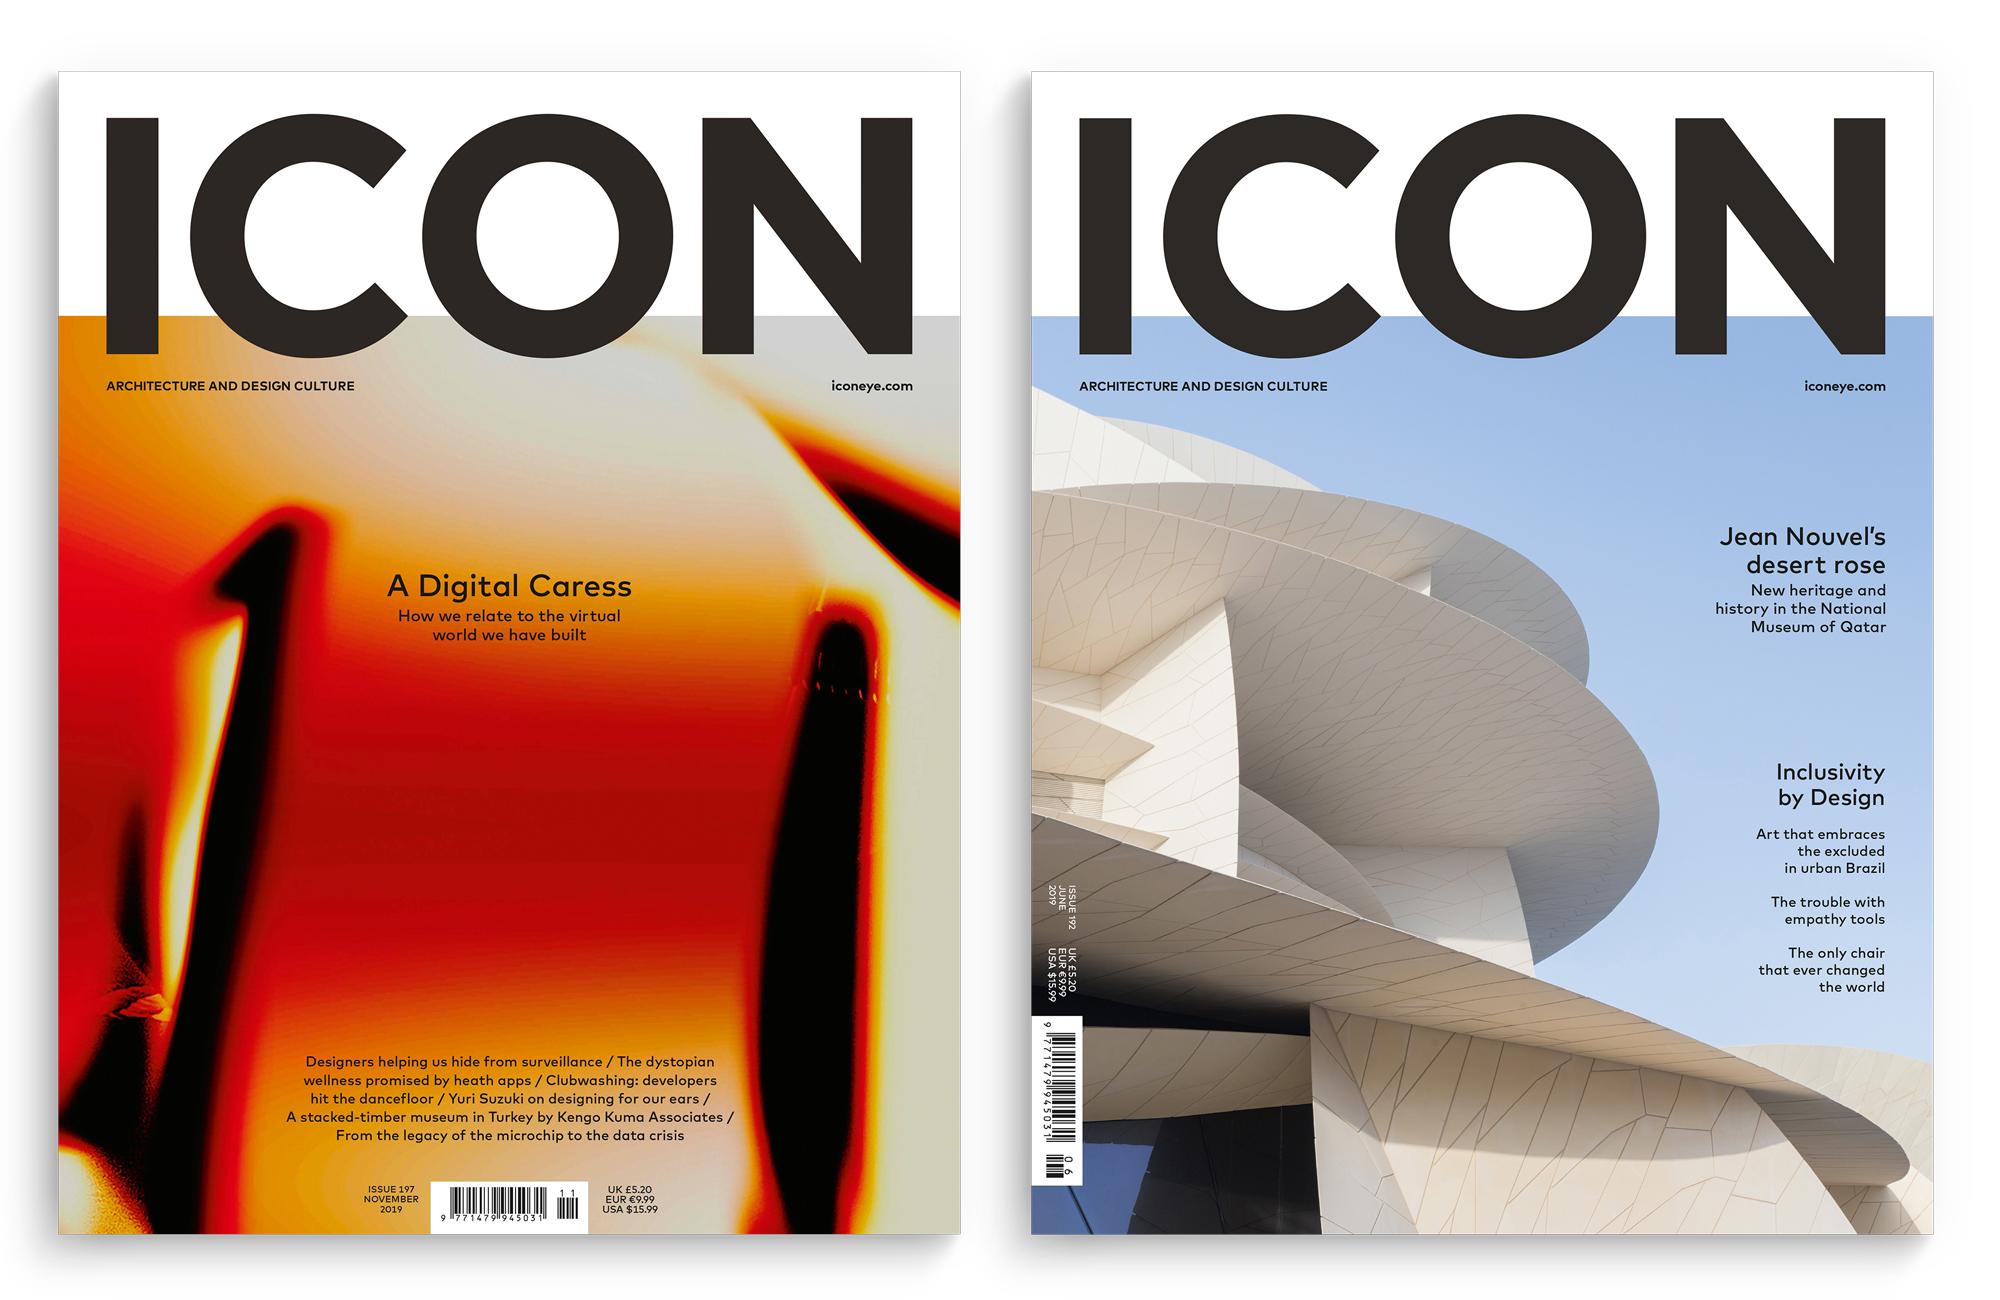 IconMaglayout2019copy2_Web